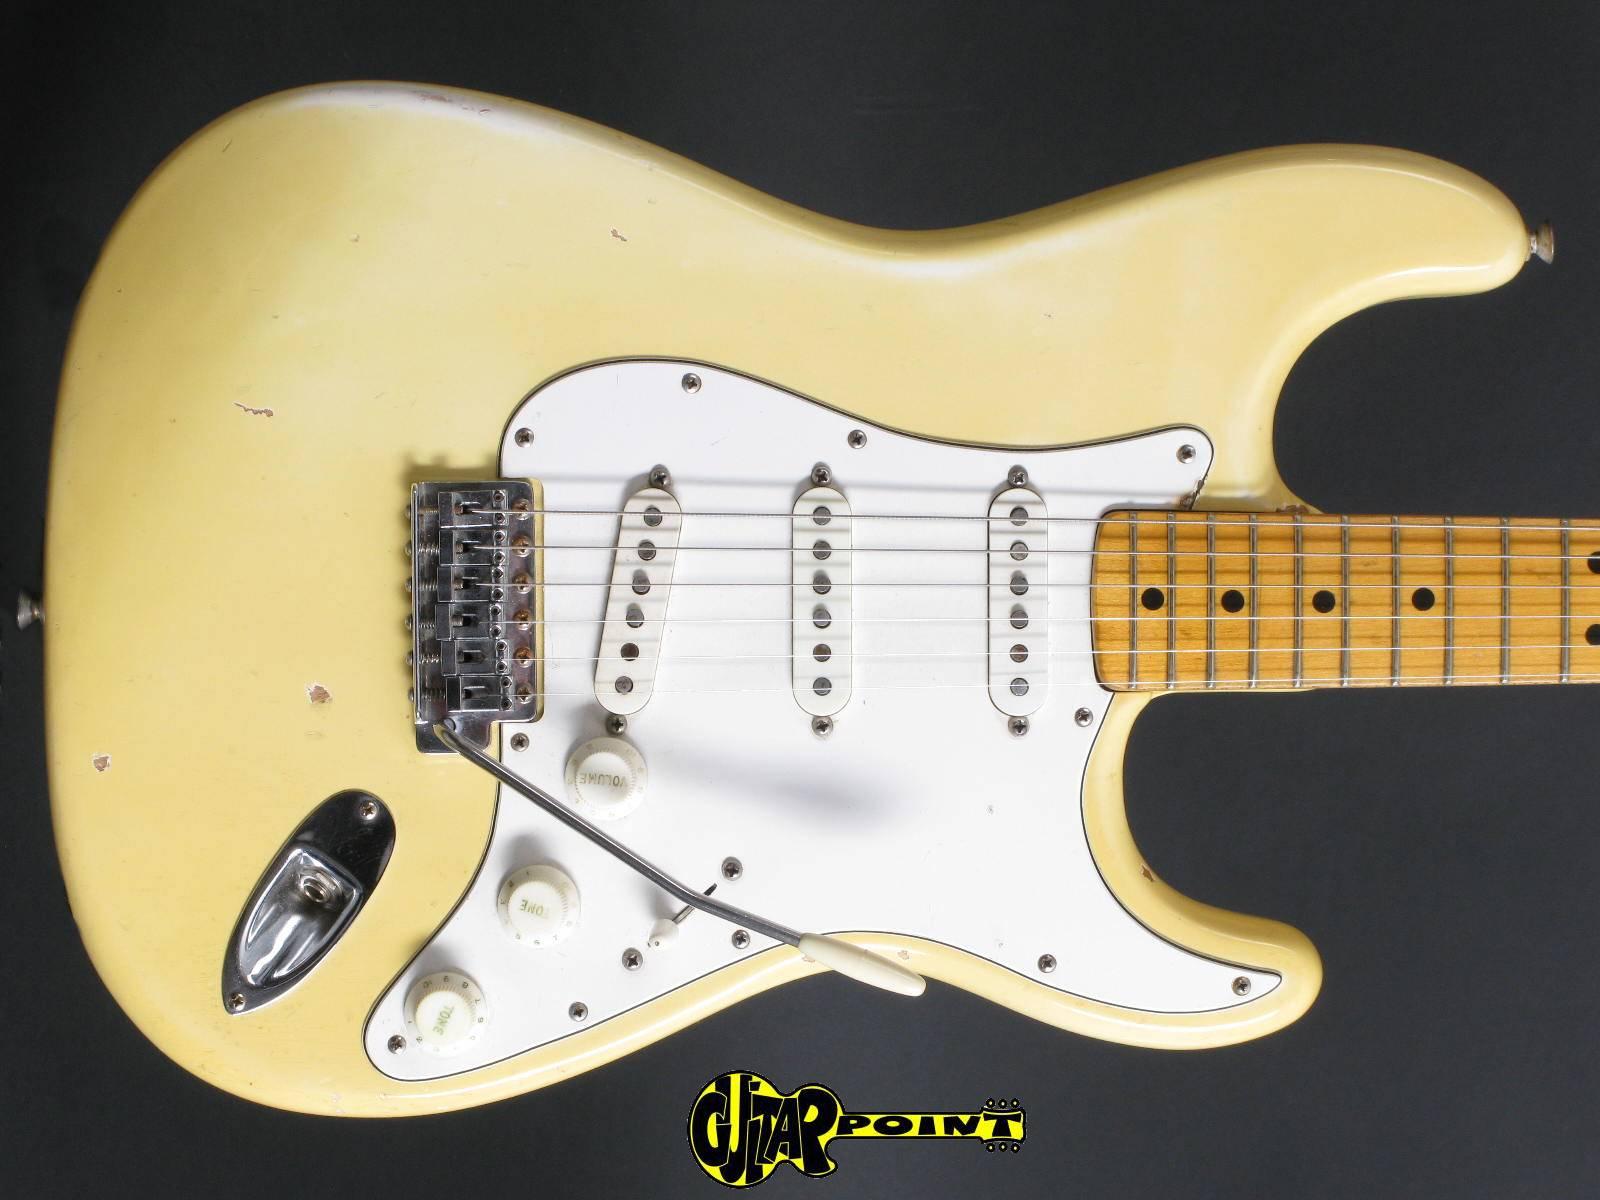 1974 Fender Stratocaster - Olympic White